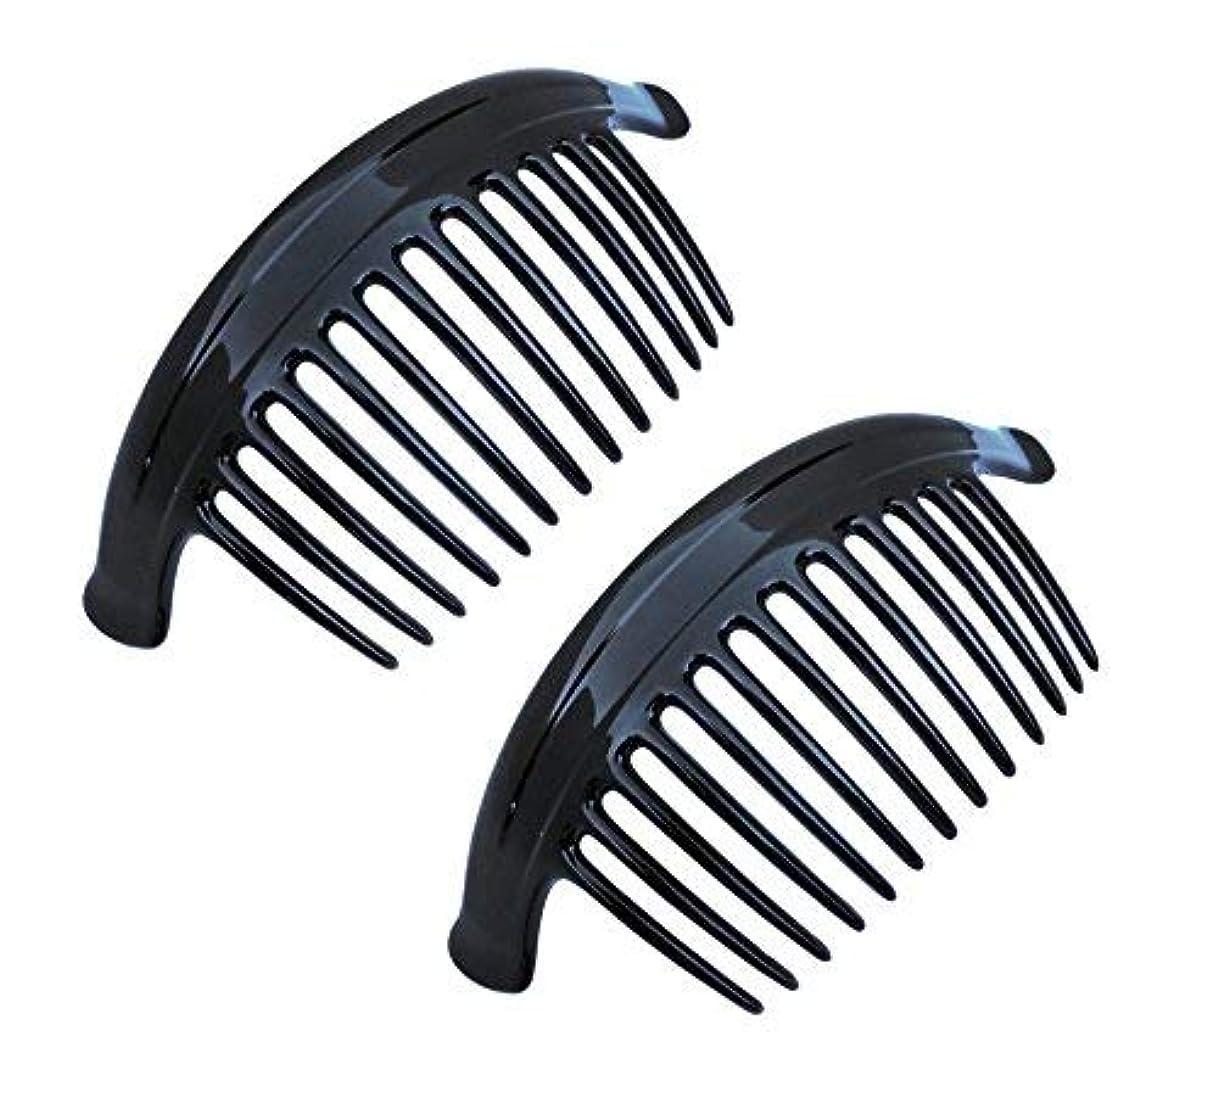 セミナー温室仮定するParcelona French Arch Extra Large Black 13 Teeth Interlocking Side Hair Combs Pair [並行輸入品]